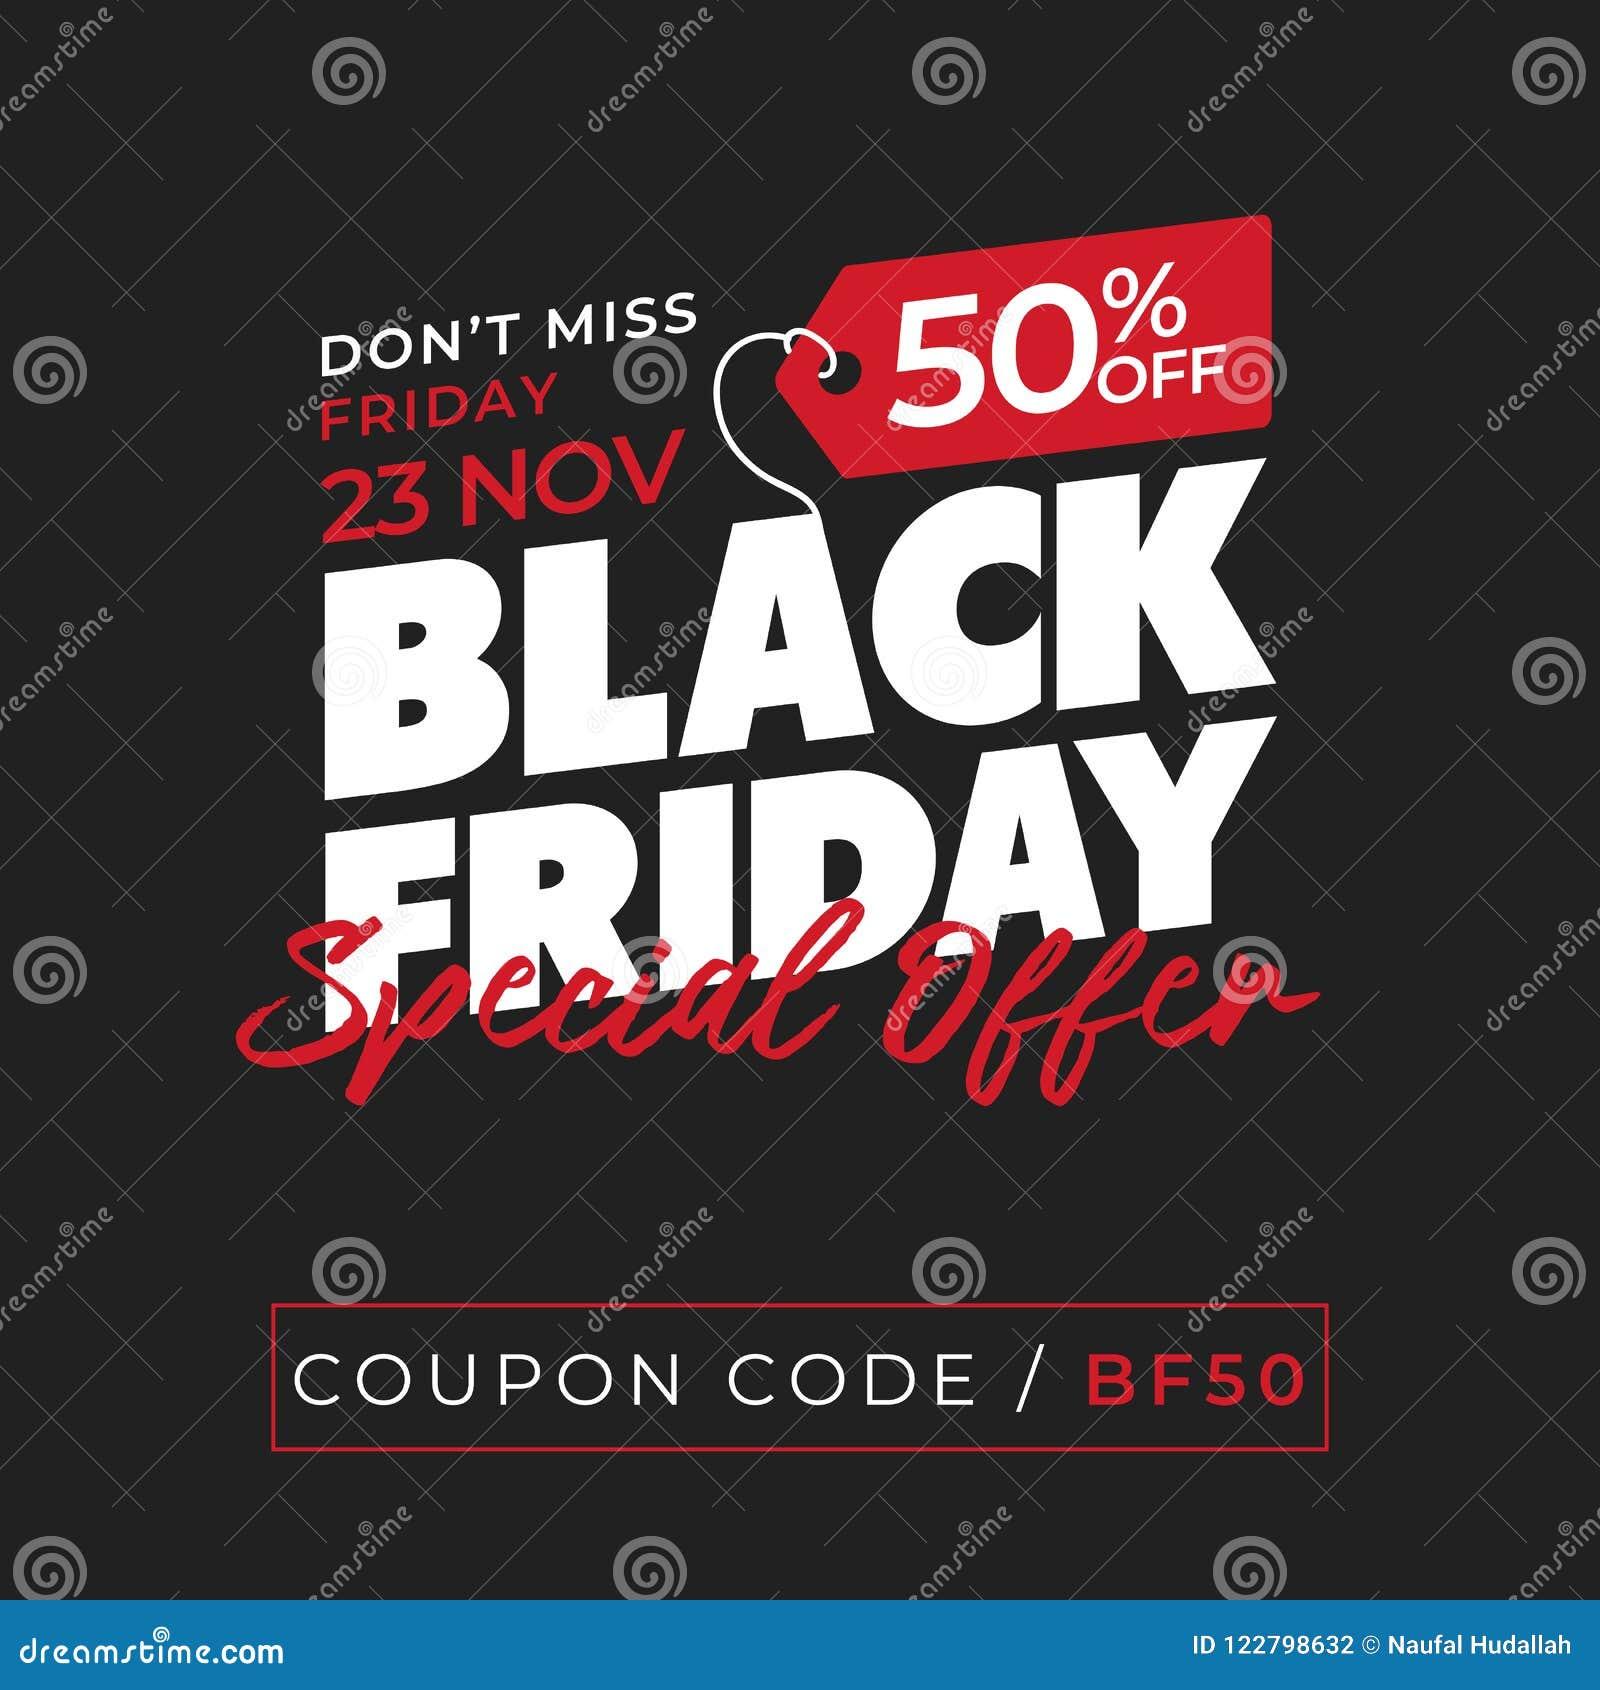 50 off sale black friday special offer banner background online